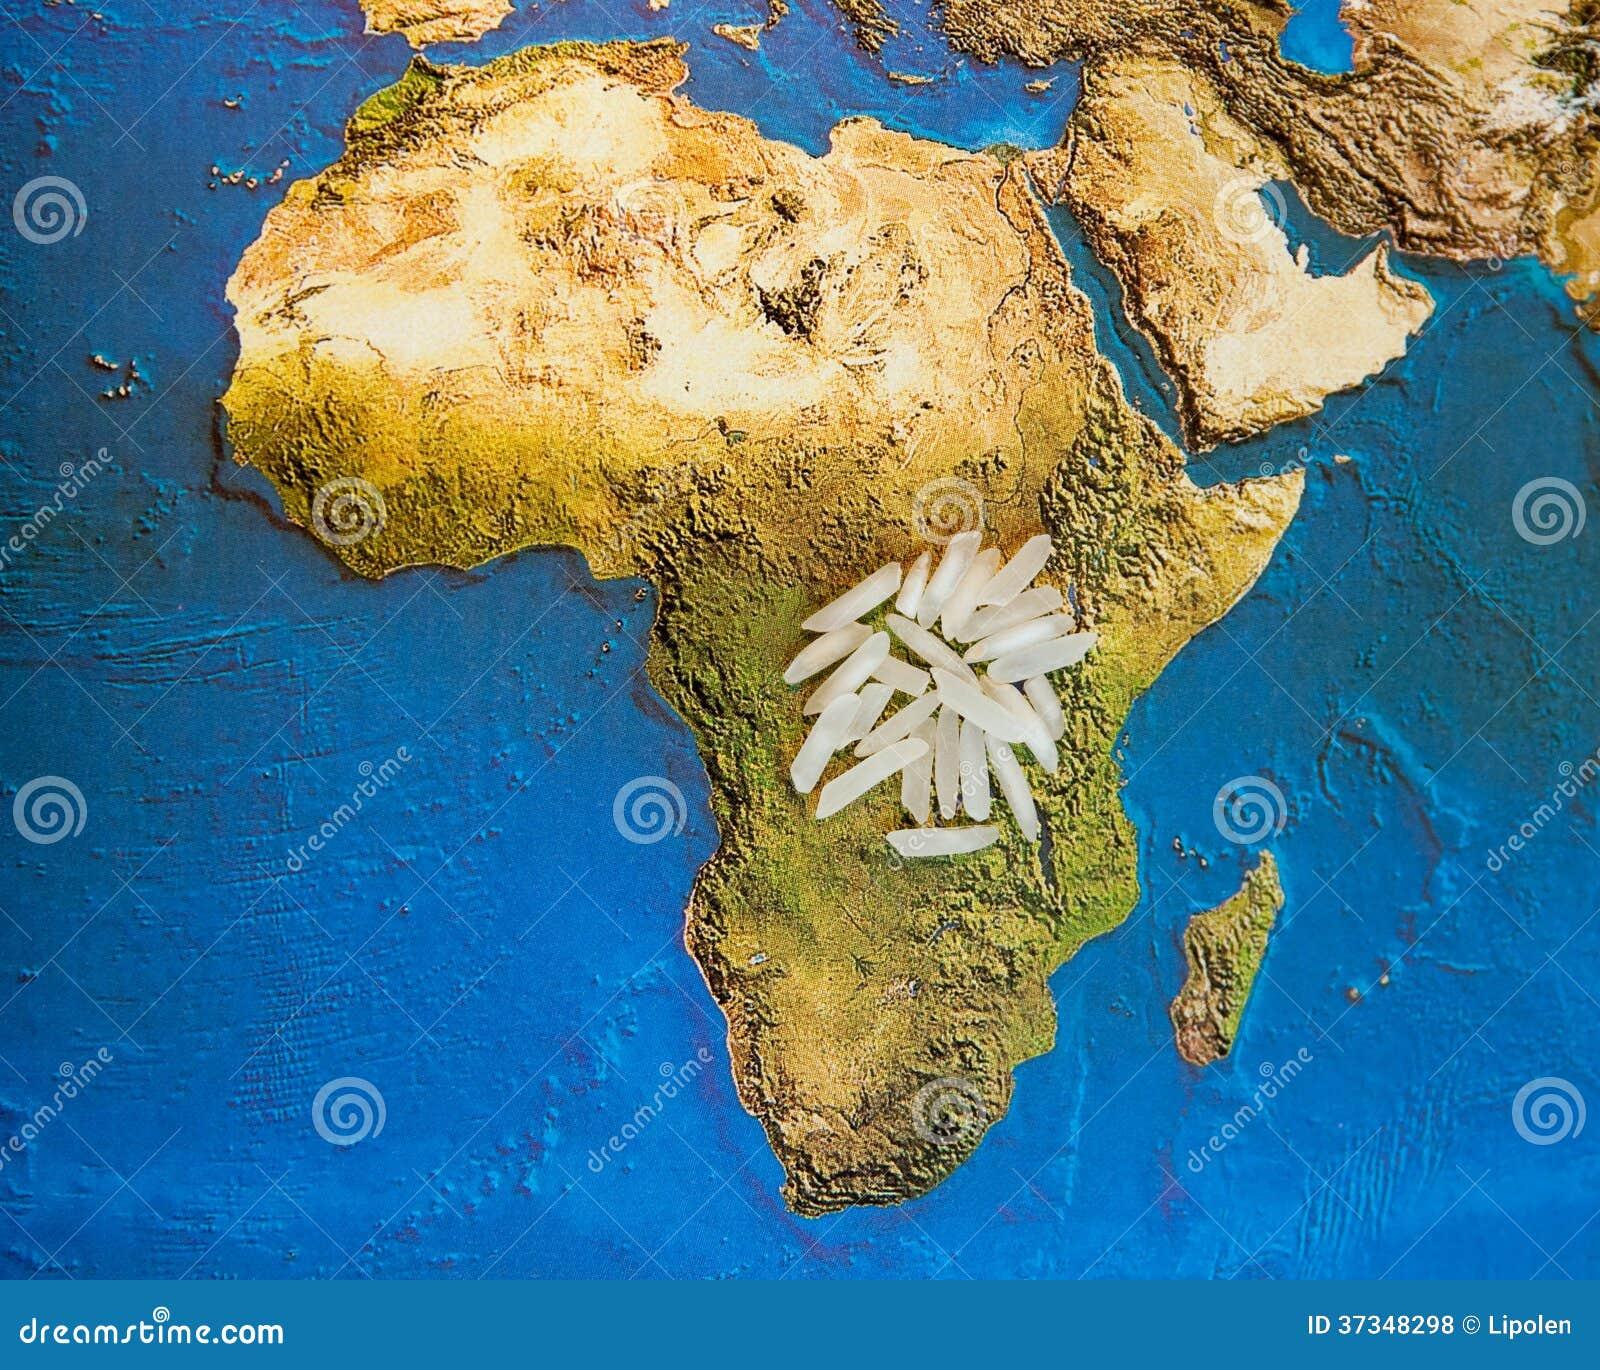 Lebensmittel für Afrika